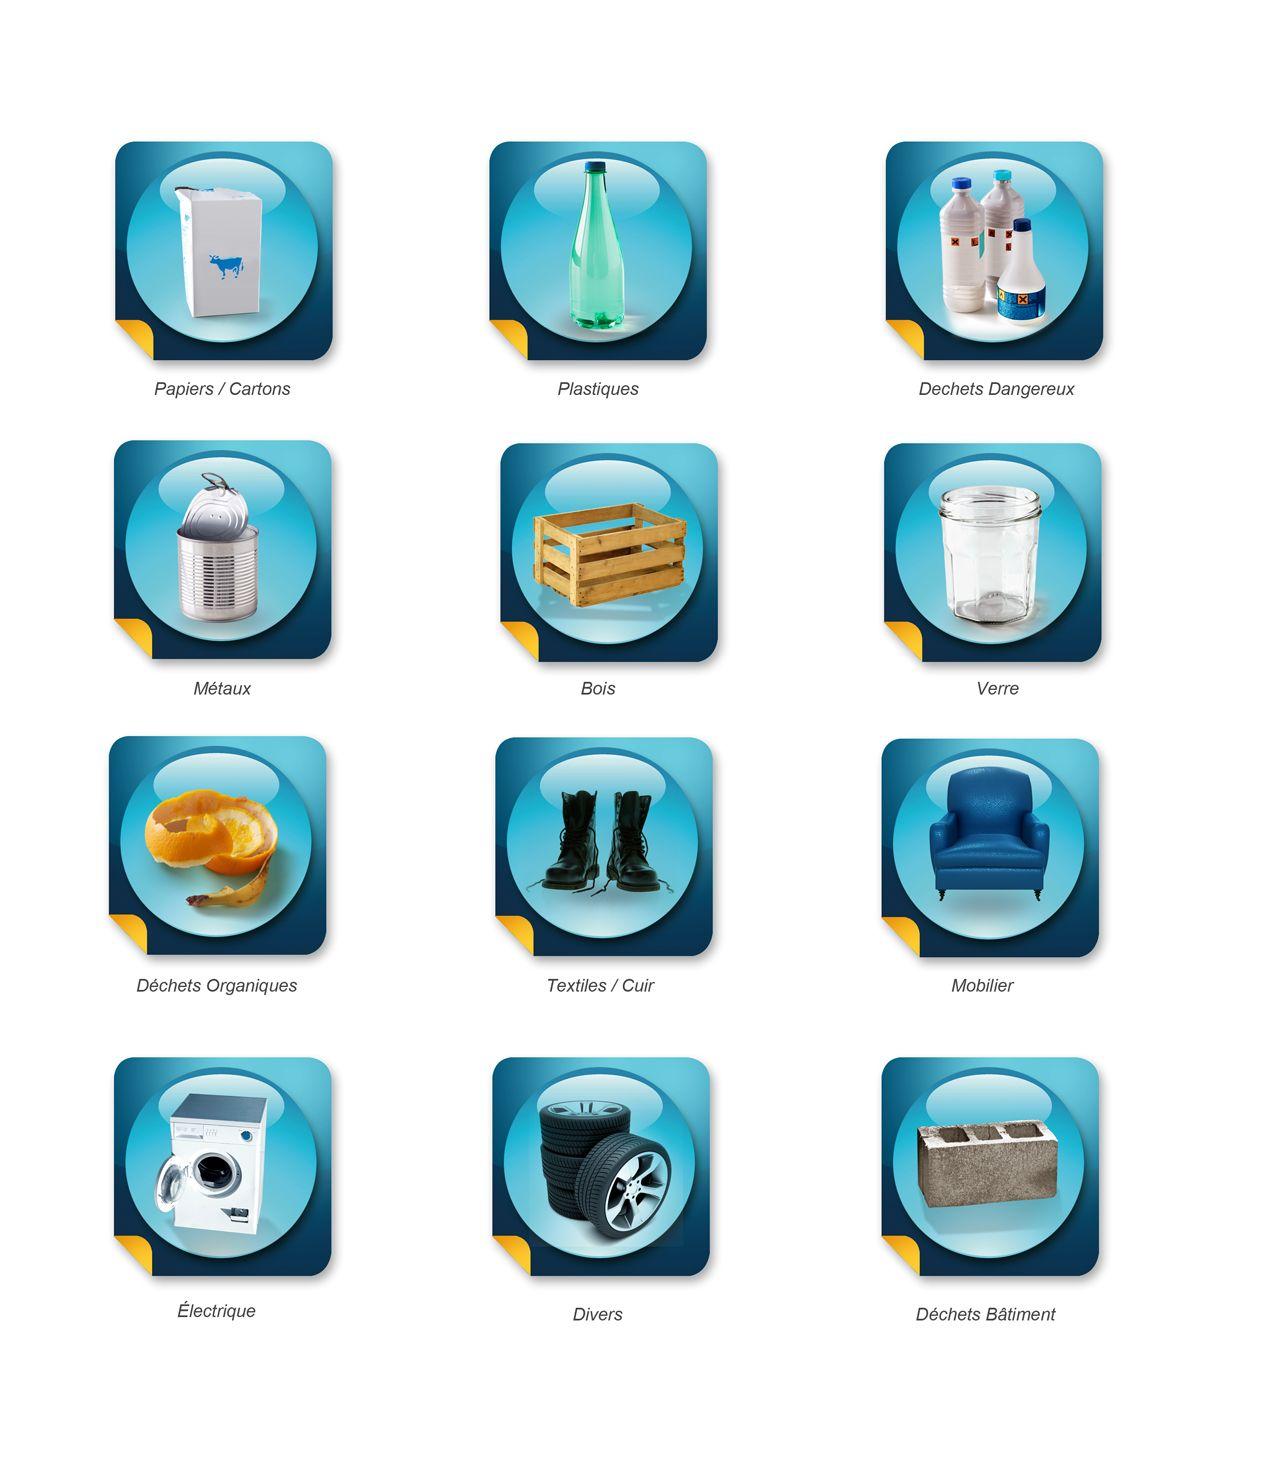 pictogrammes d chets pour mpm webdesign dorianthelegend. Black Bedroom Furniture Sets. Home Design Ideas